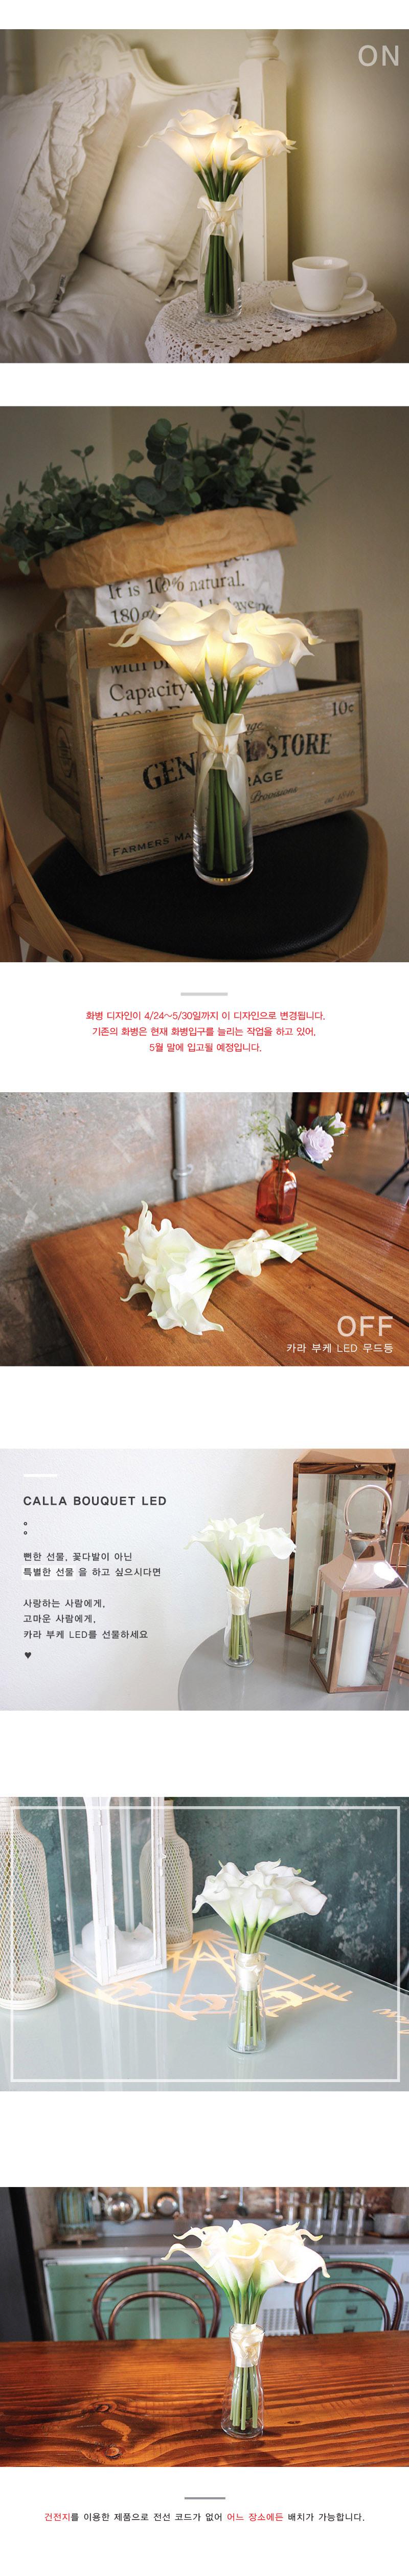 (꽃카드무료증정) 뉴 화이트 카라 부케 무드등 단품 - 비아케이스튜디오, 30,930원, 리빙조명, 테이블조명